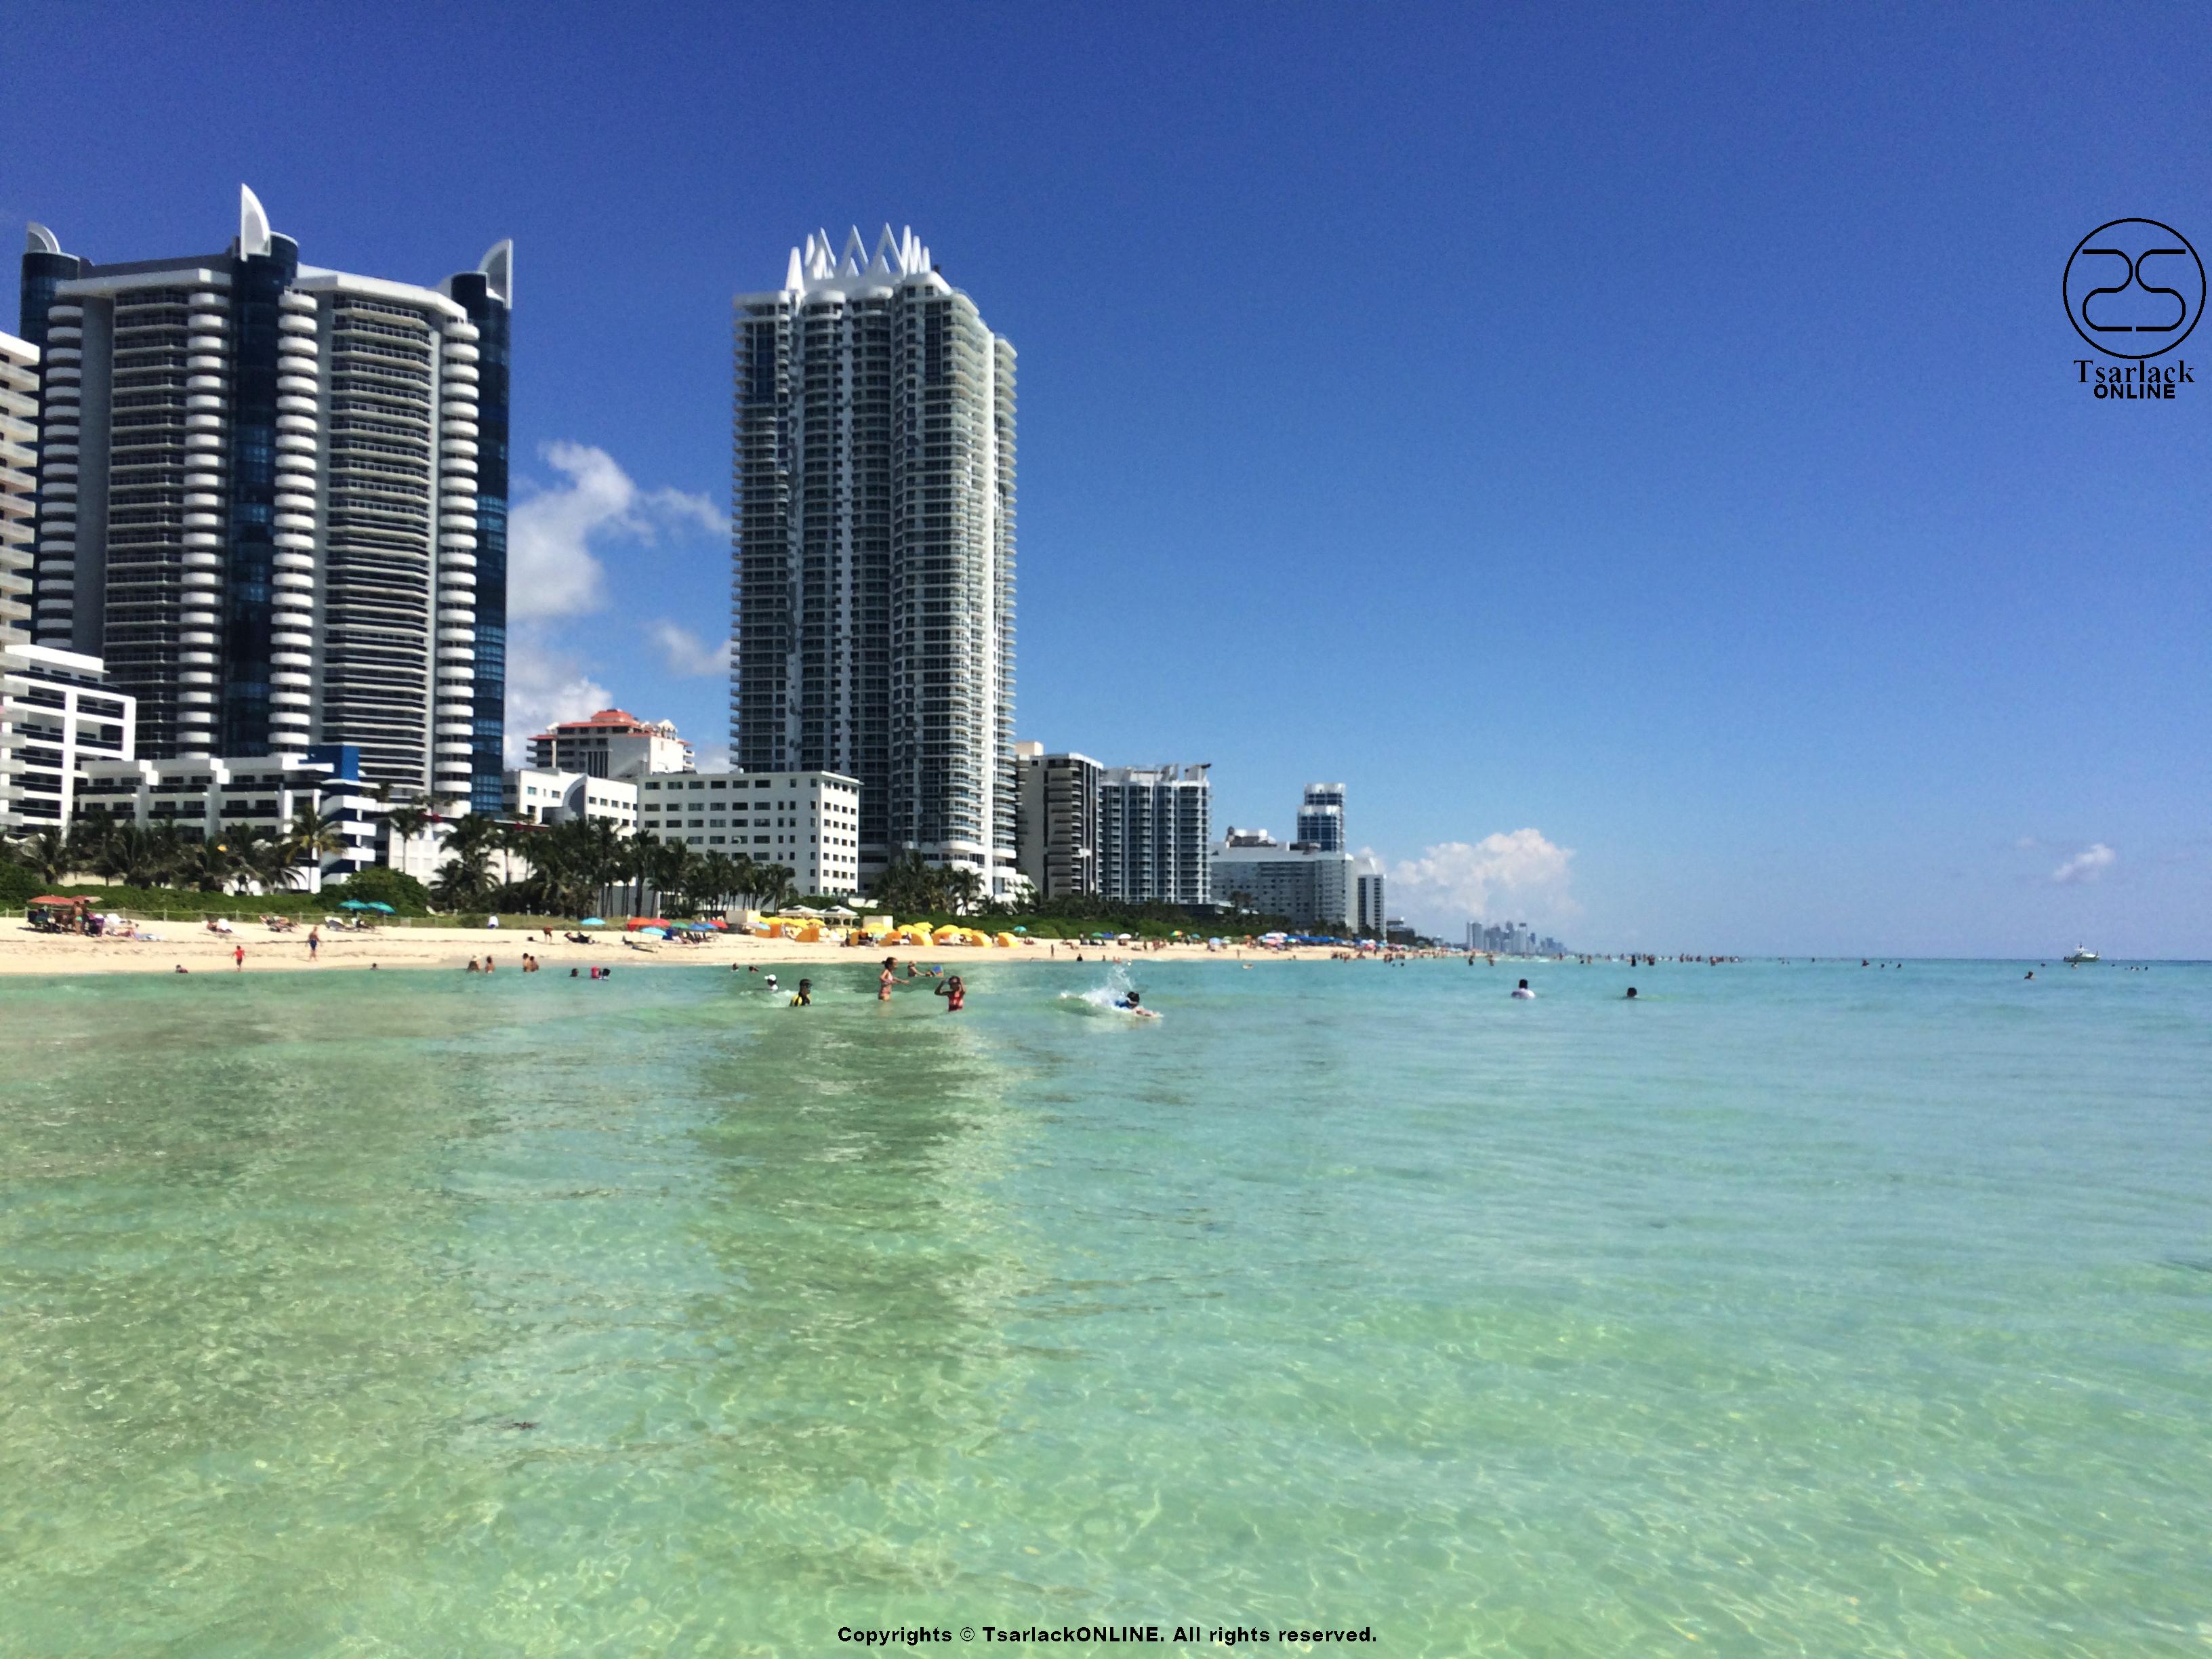 3 Days in Miami